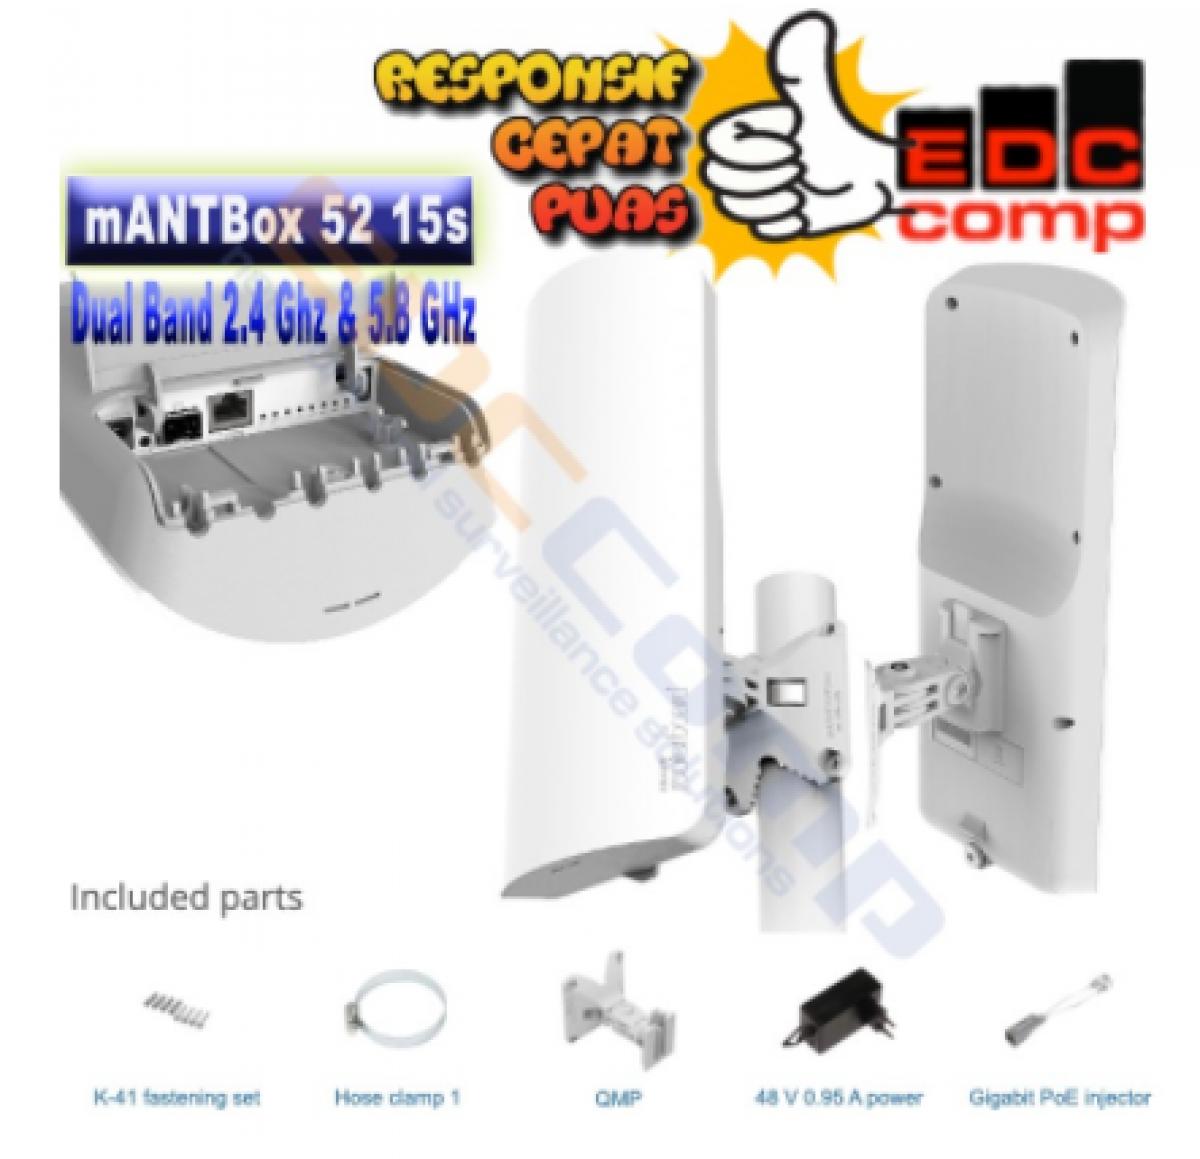 Mikrotik mANTBox-52 15s RBD22UGS-5HPacD2HnD-15S Dual Band - EdcComp